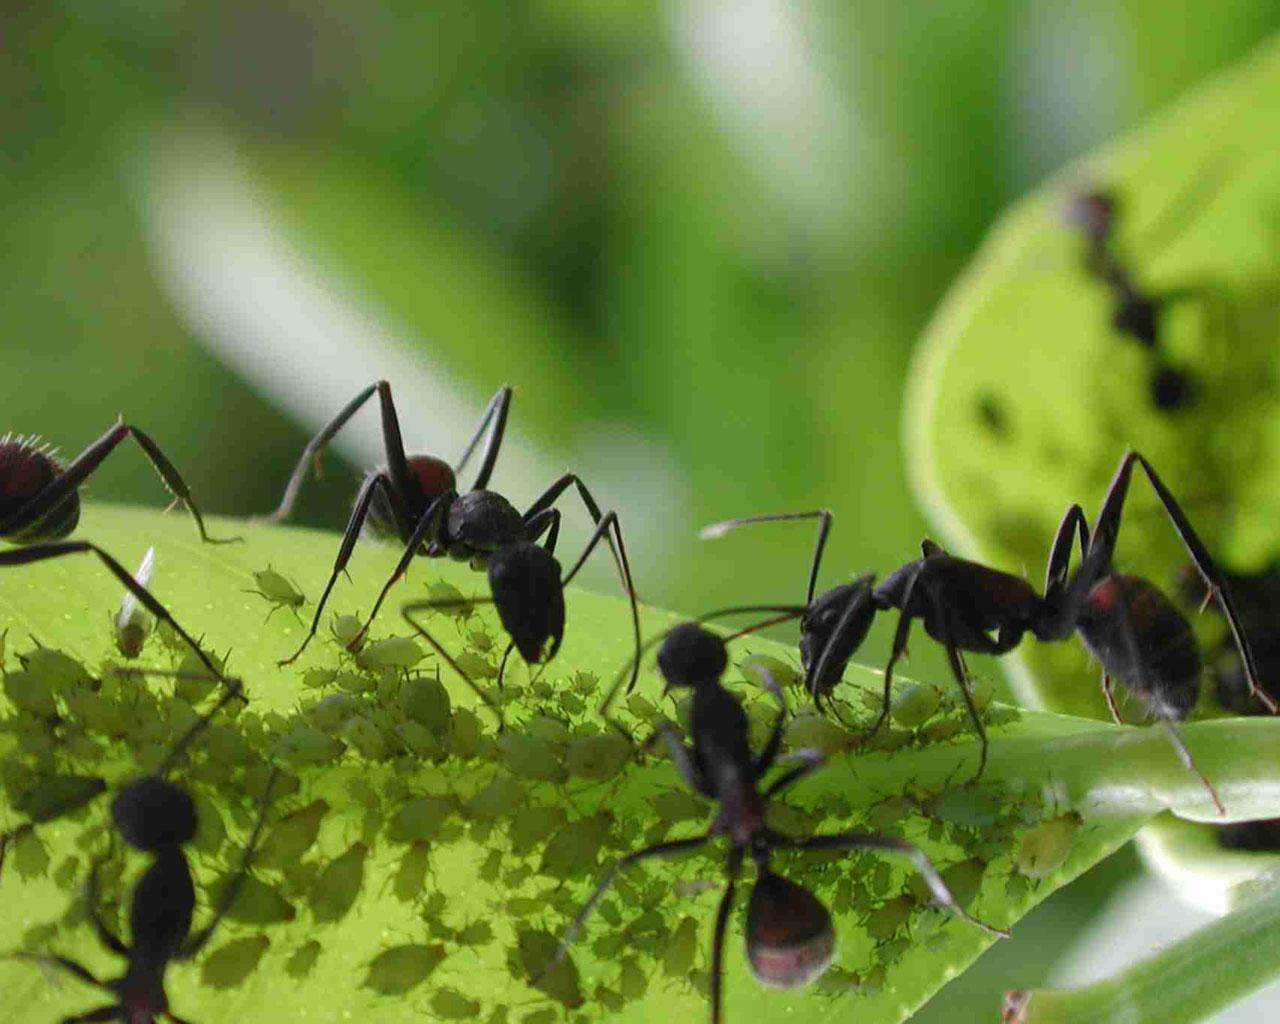 C mo eliminar las plagas de forma ecol gica for Como eliminar plaga de hormigas